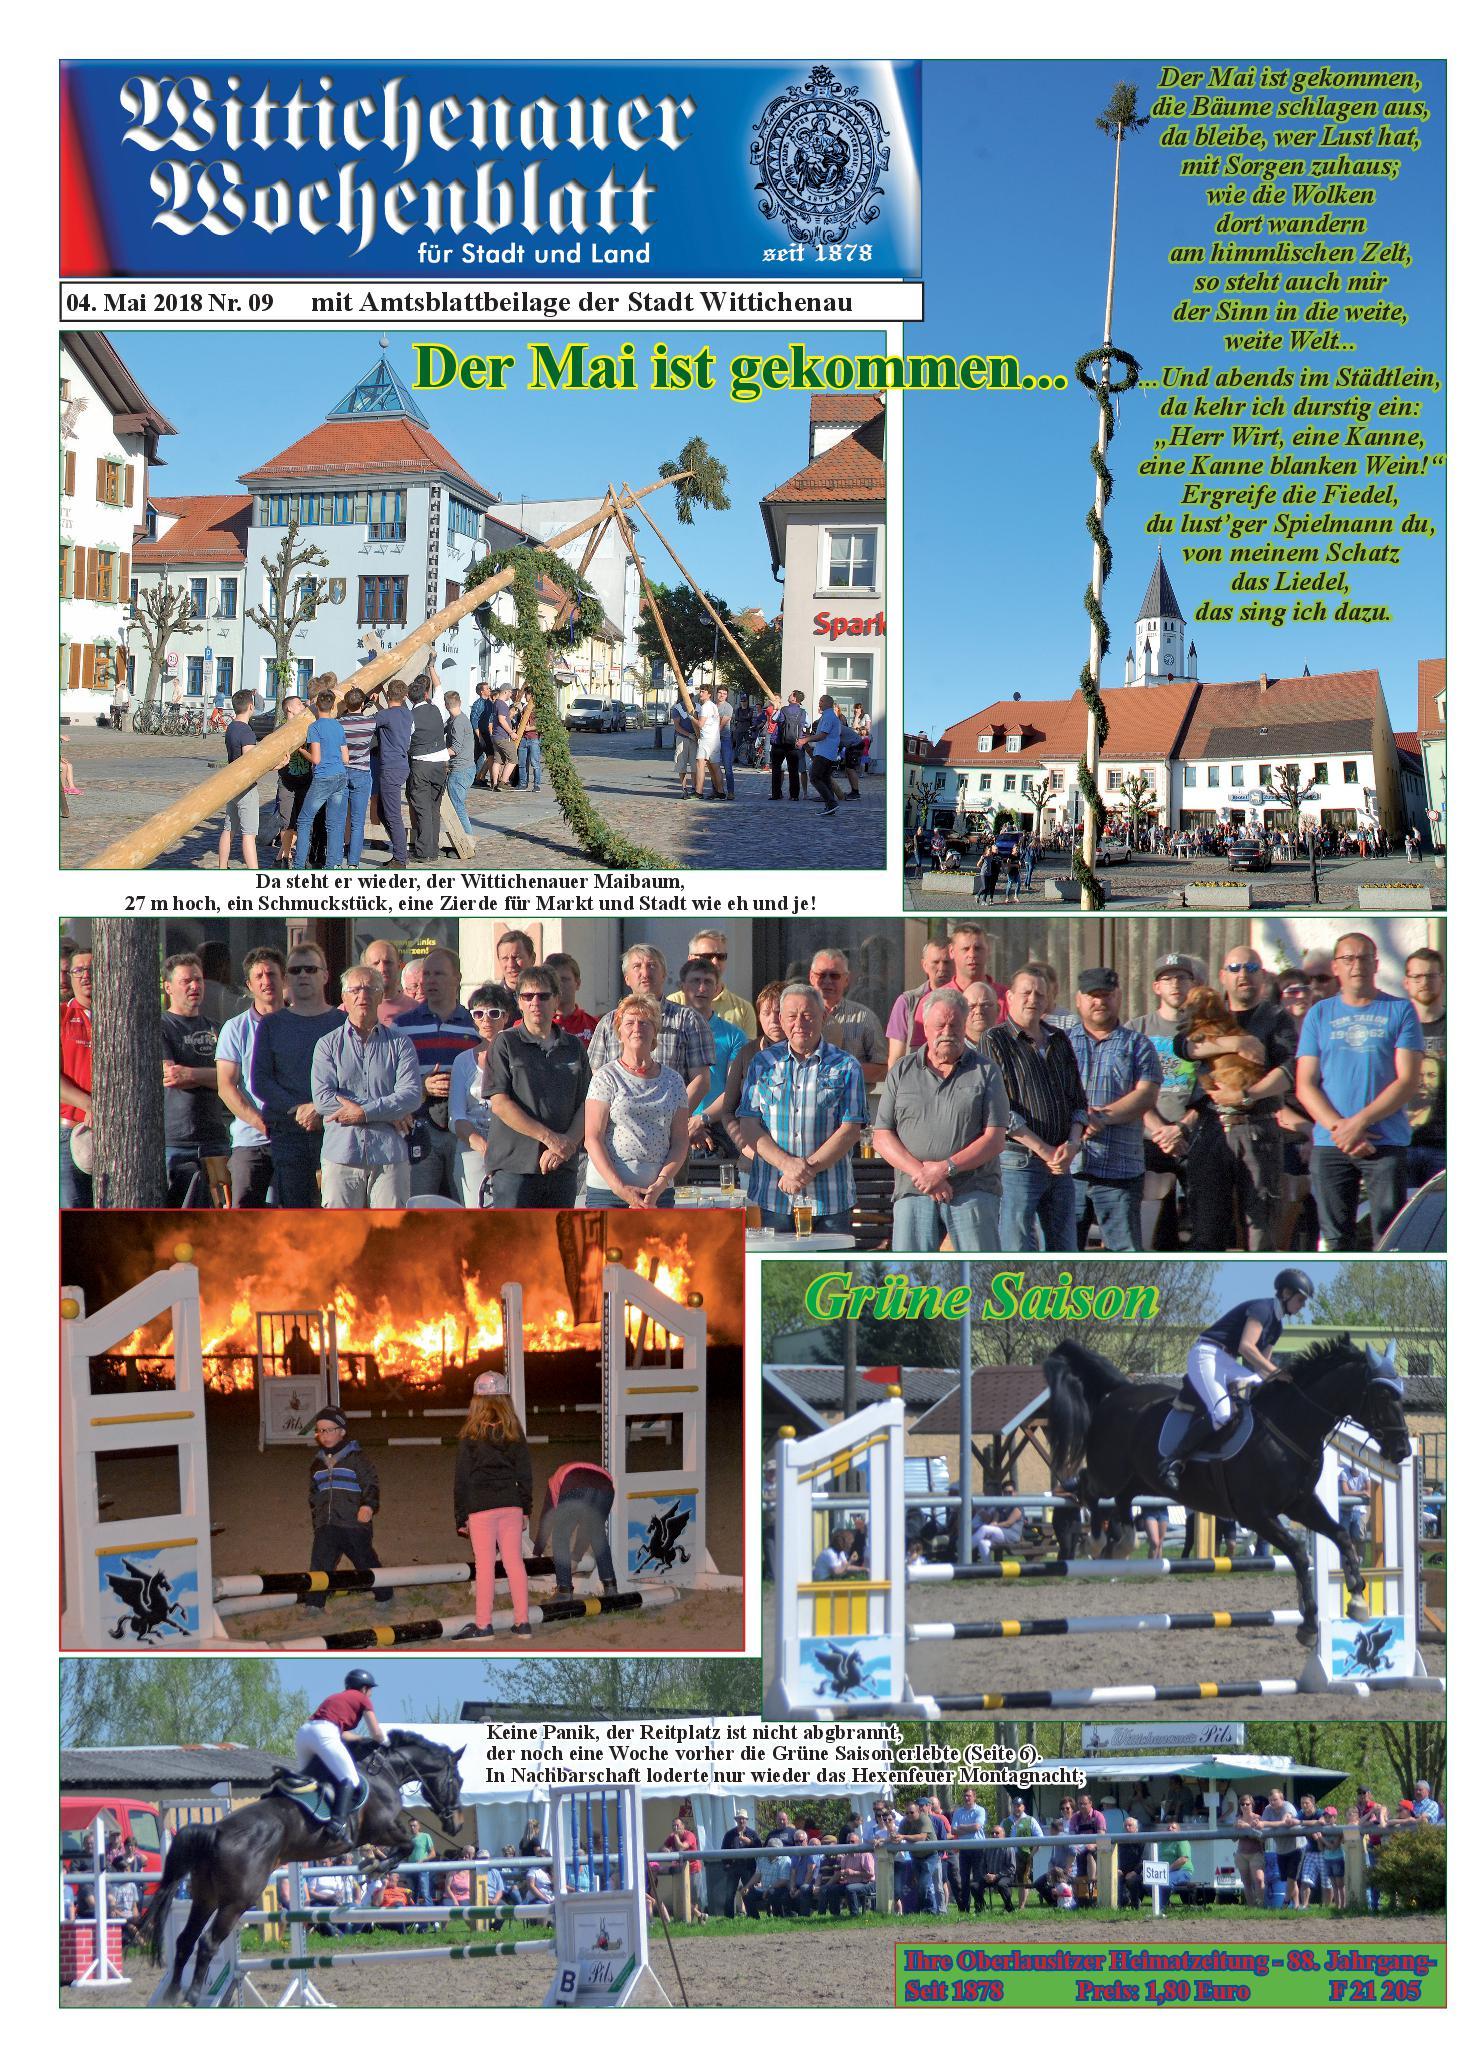 Wochenblatt Nr. 9 - 2018